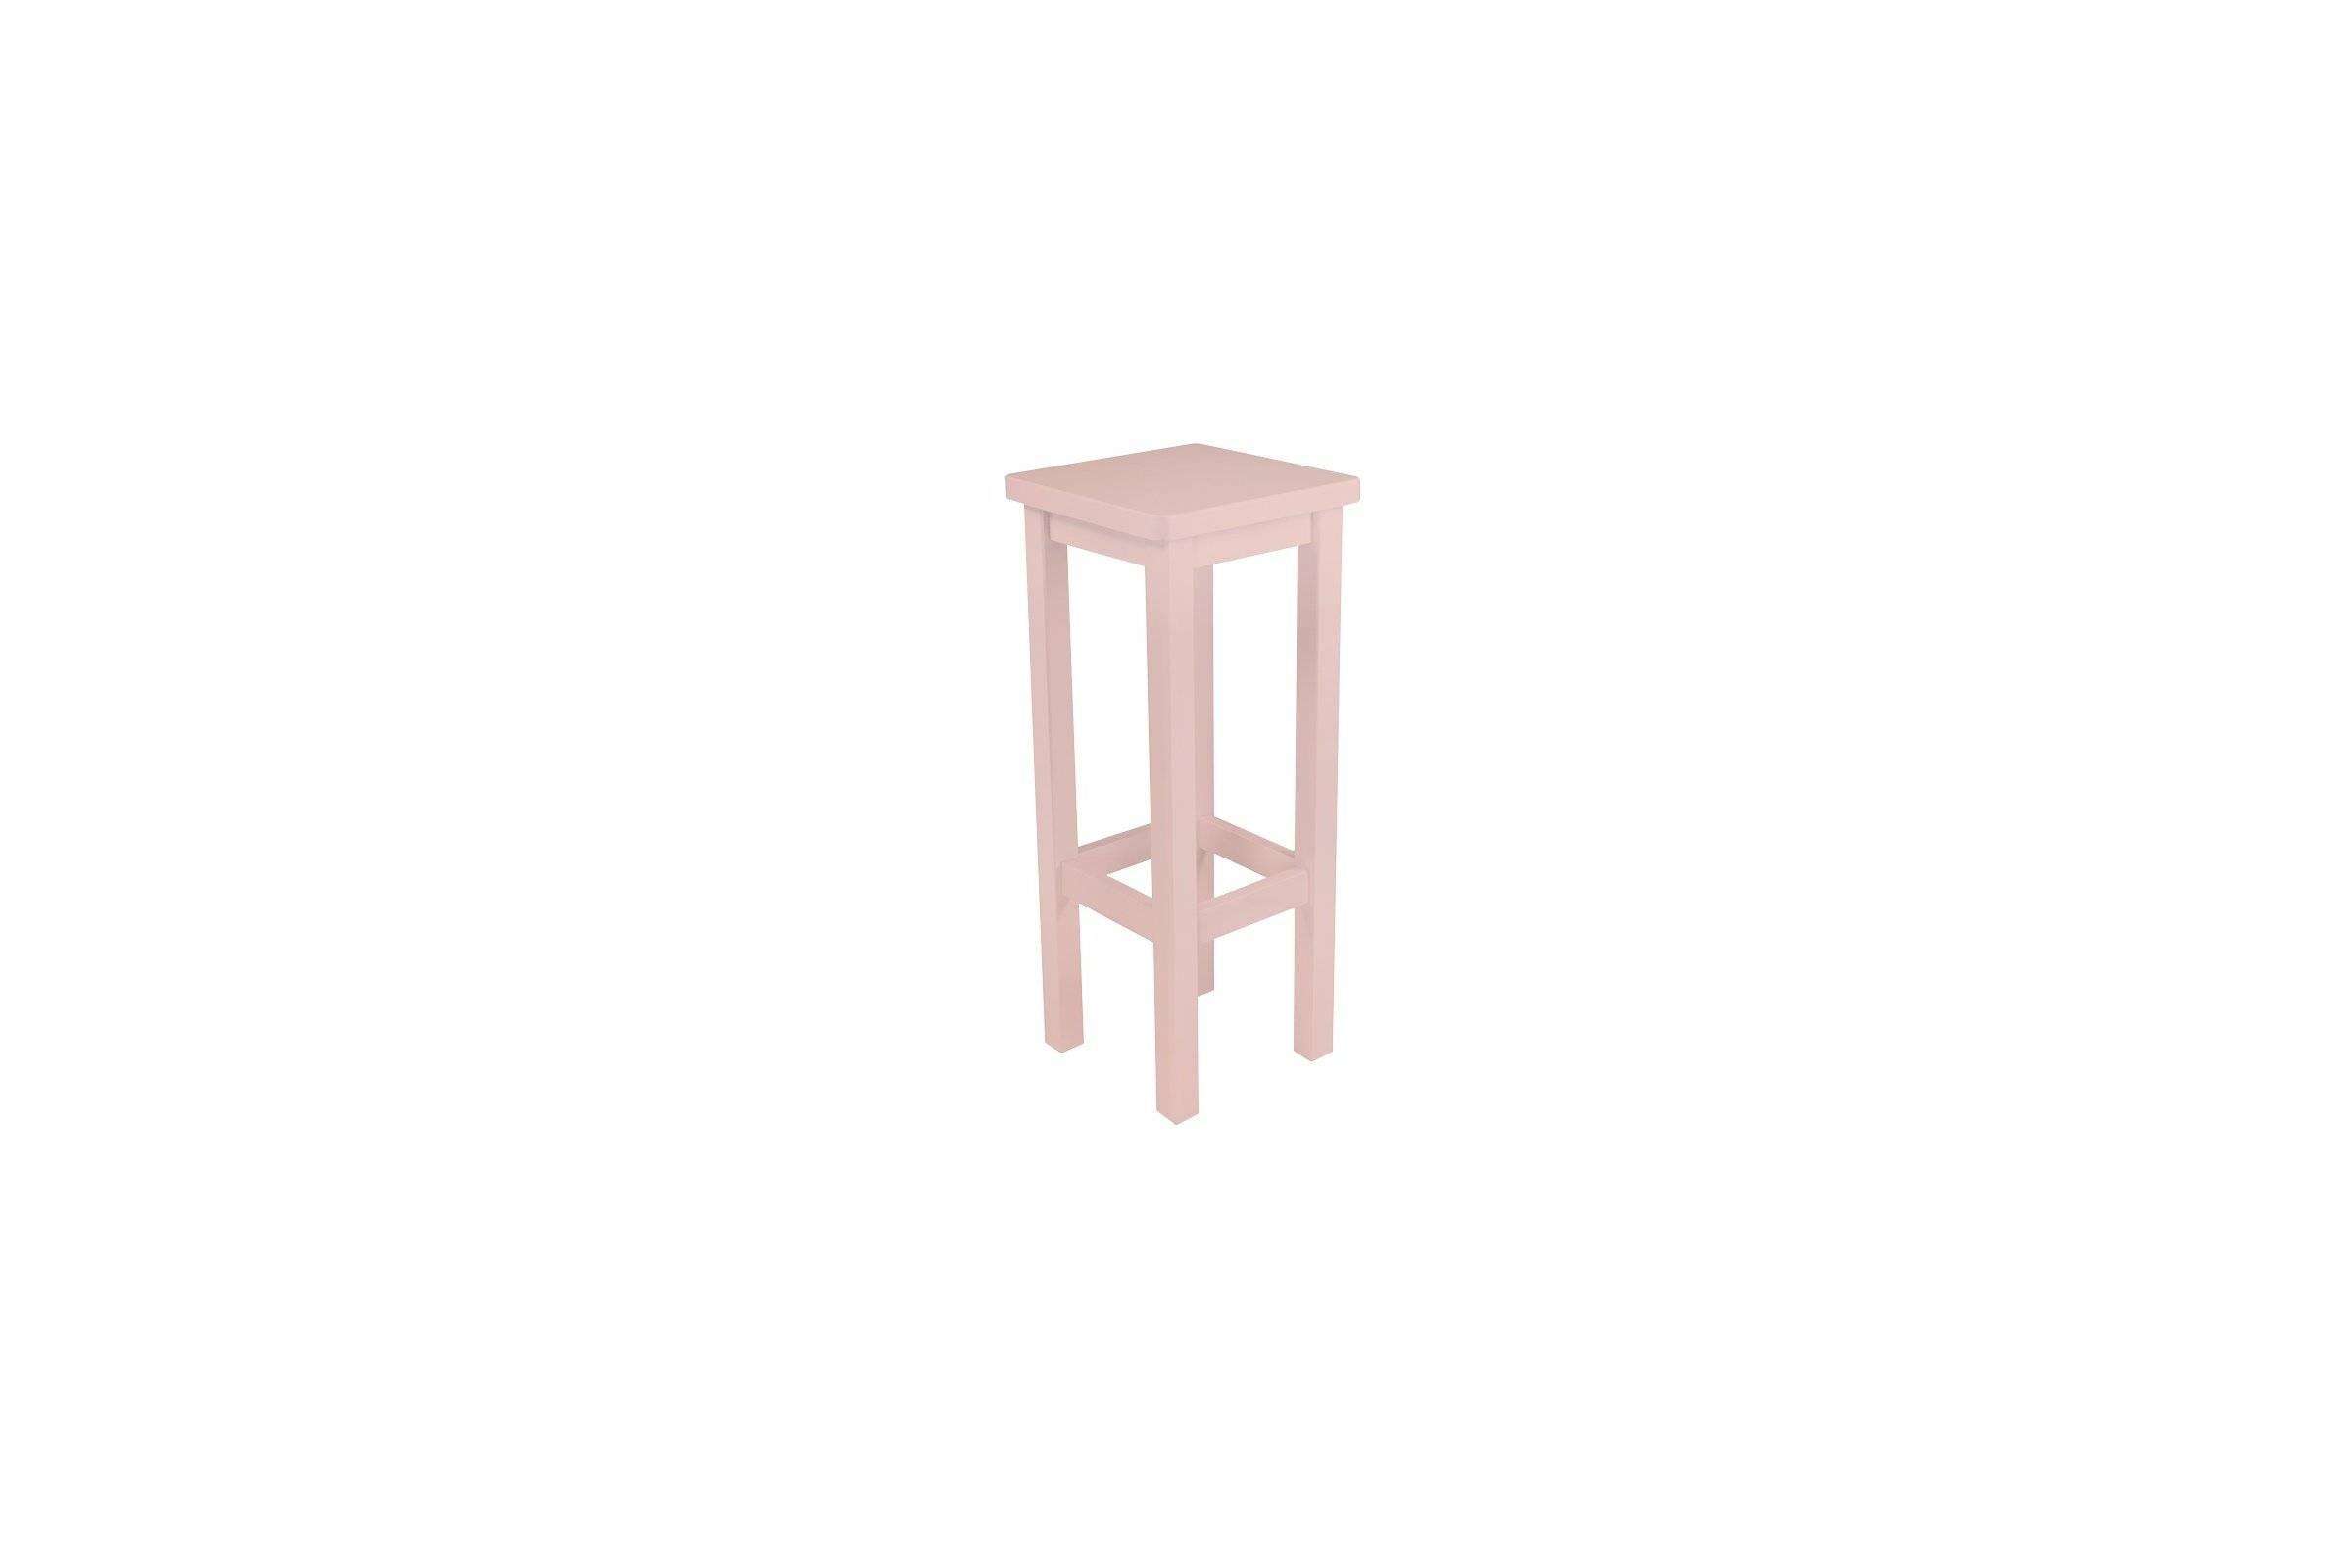 Abc meubles - tabouret de bar droit bois made in france rose pastel